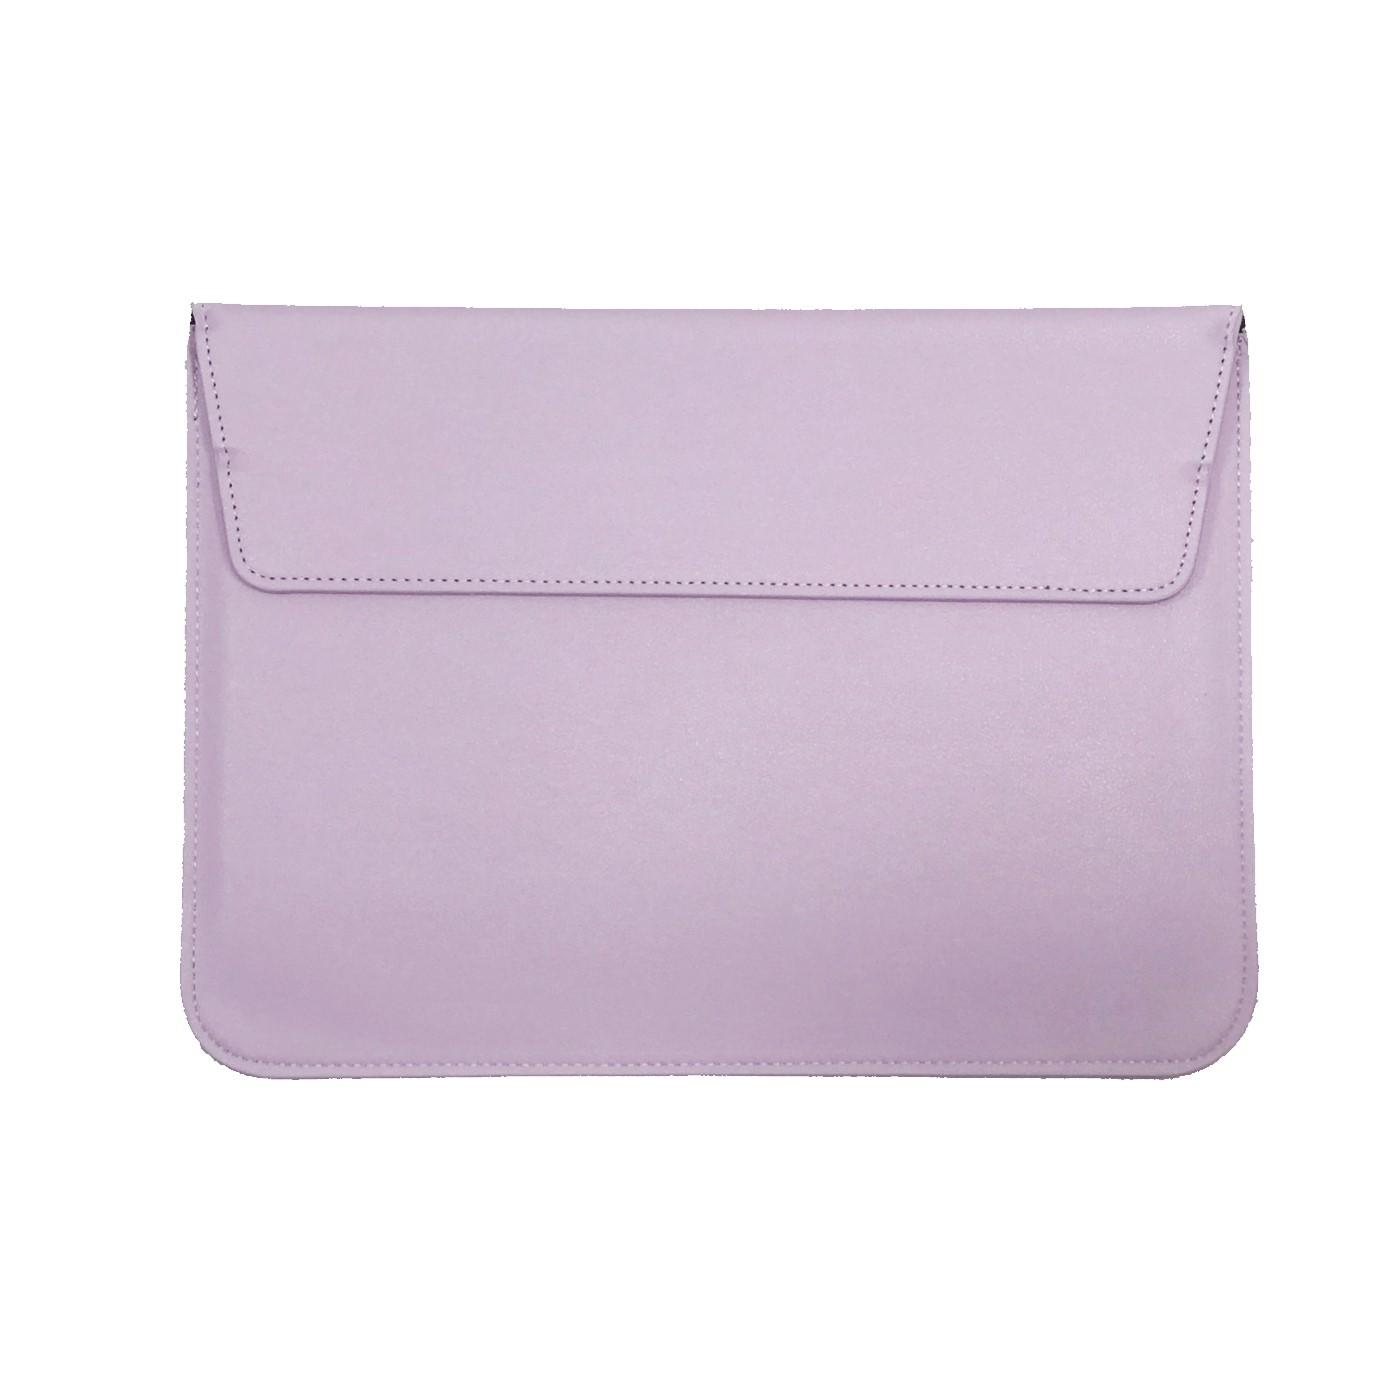 삼성 갤럭시북 / 플렉스 이온 S / LG 그램 / 맥북 호환 노트북 슬리브 파우치, 라벤더